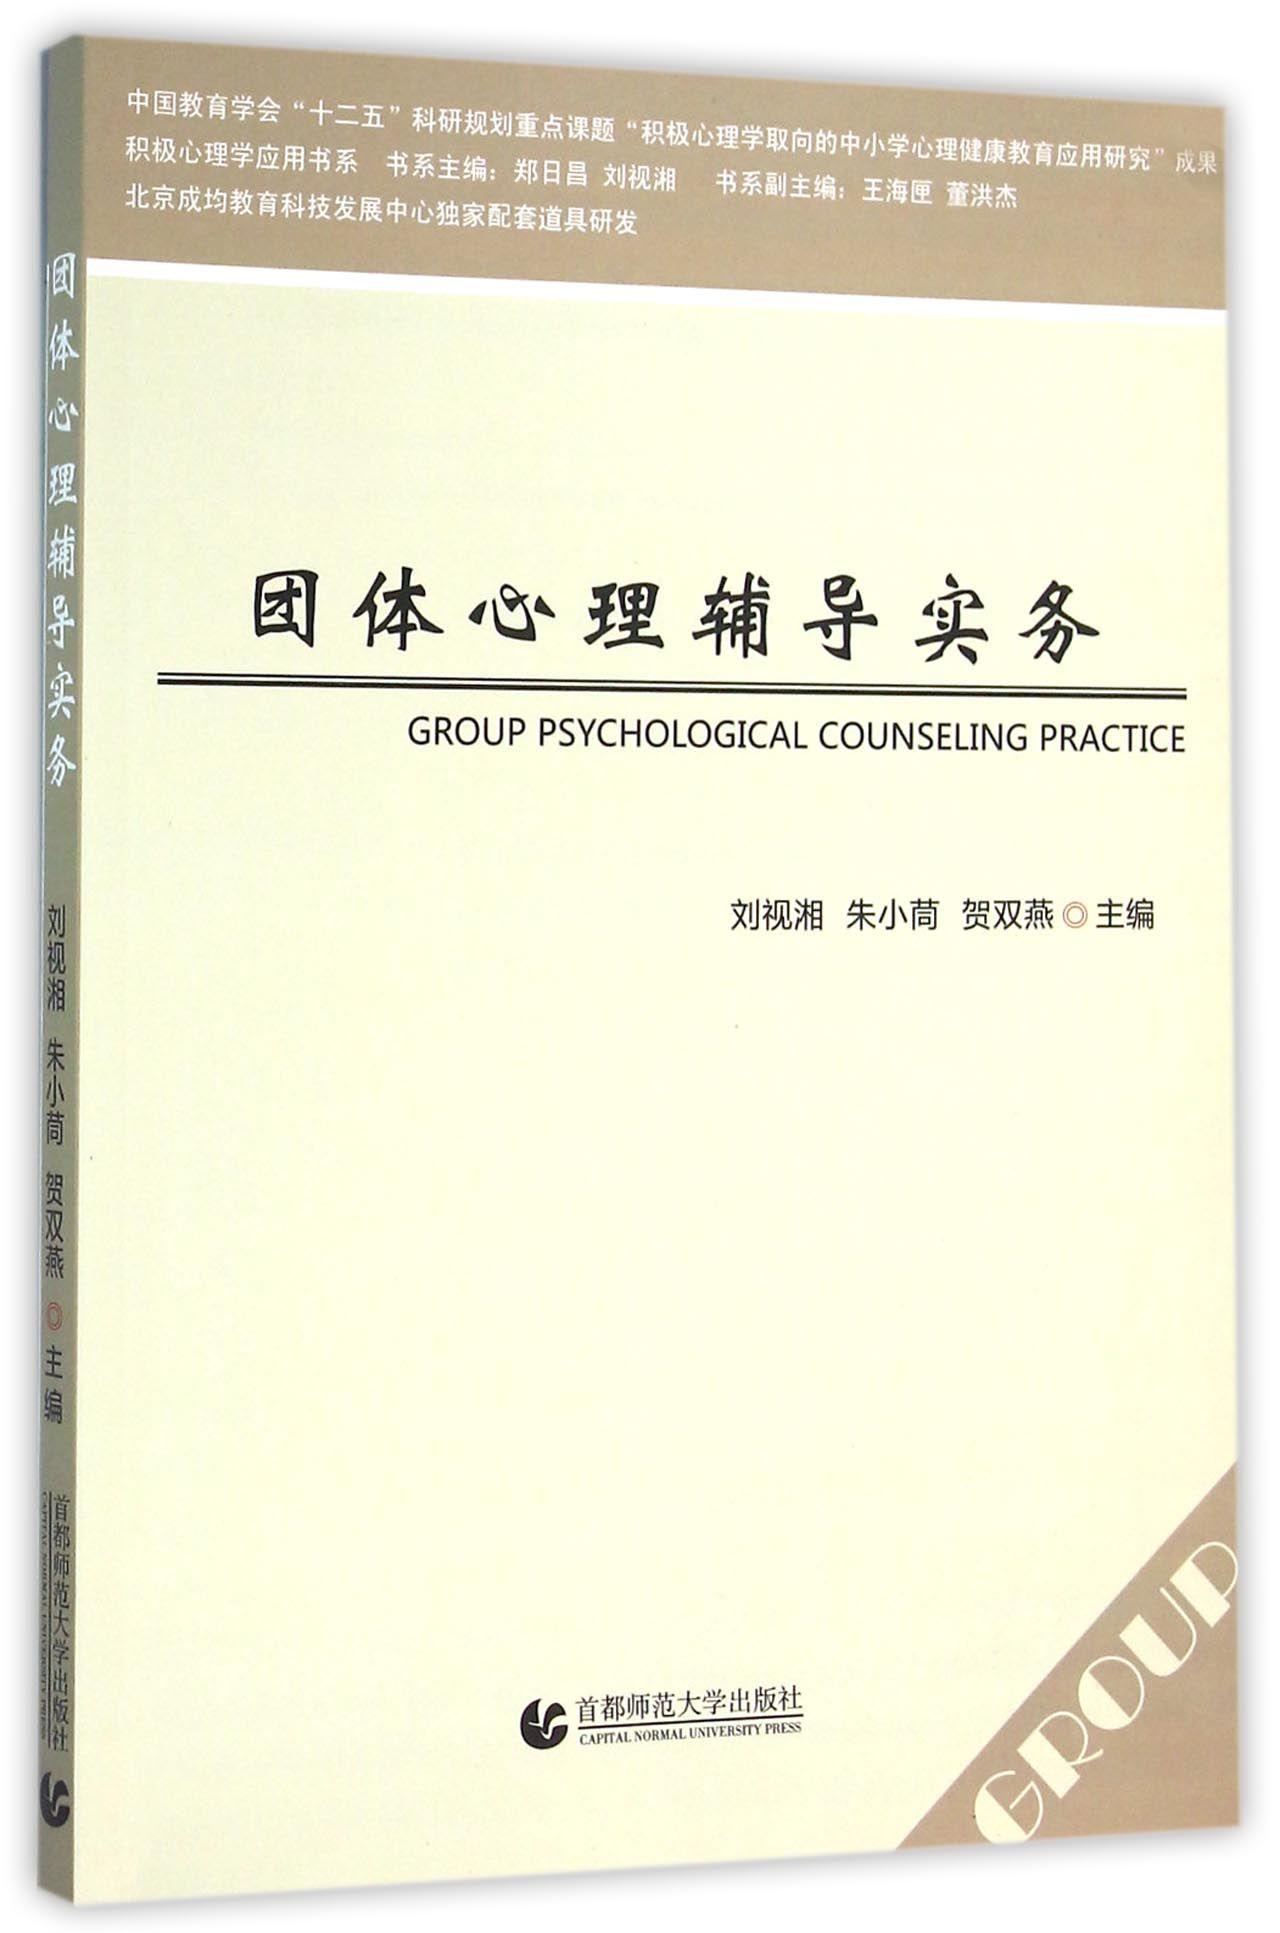 團體心理輔導實務